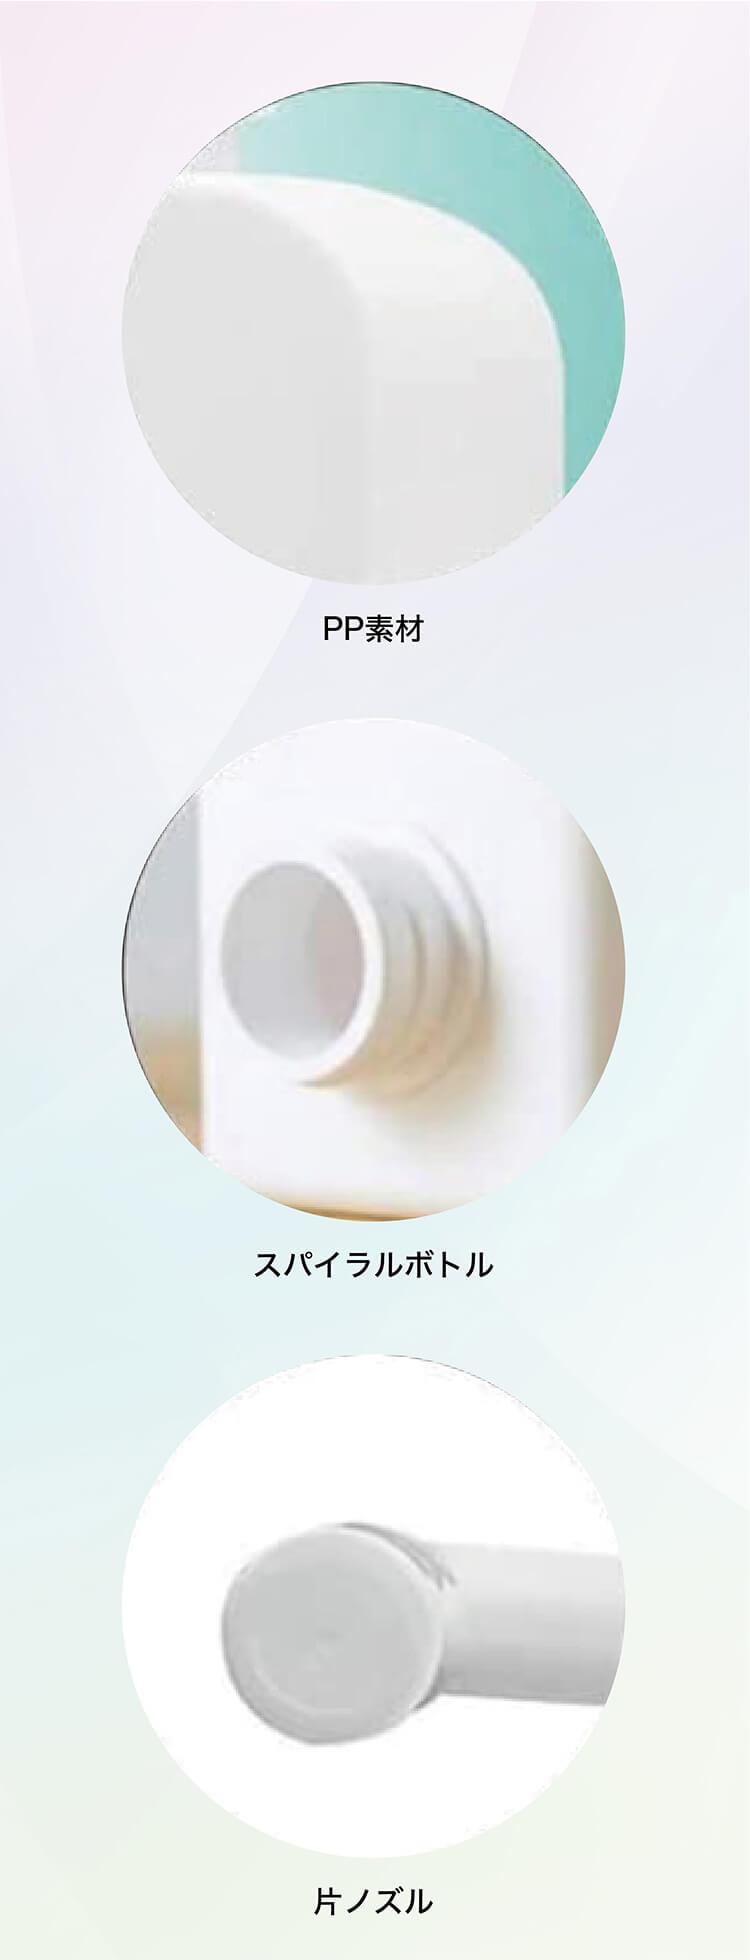 スプレーボトル(500ml空容器)